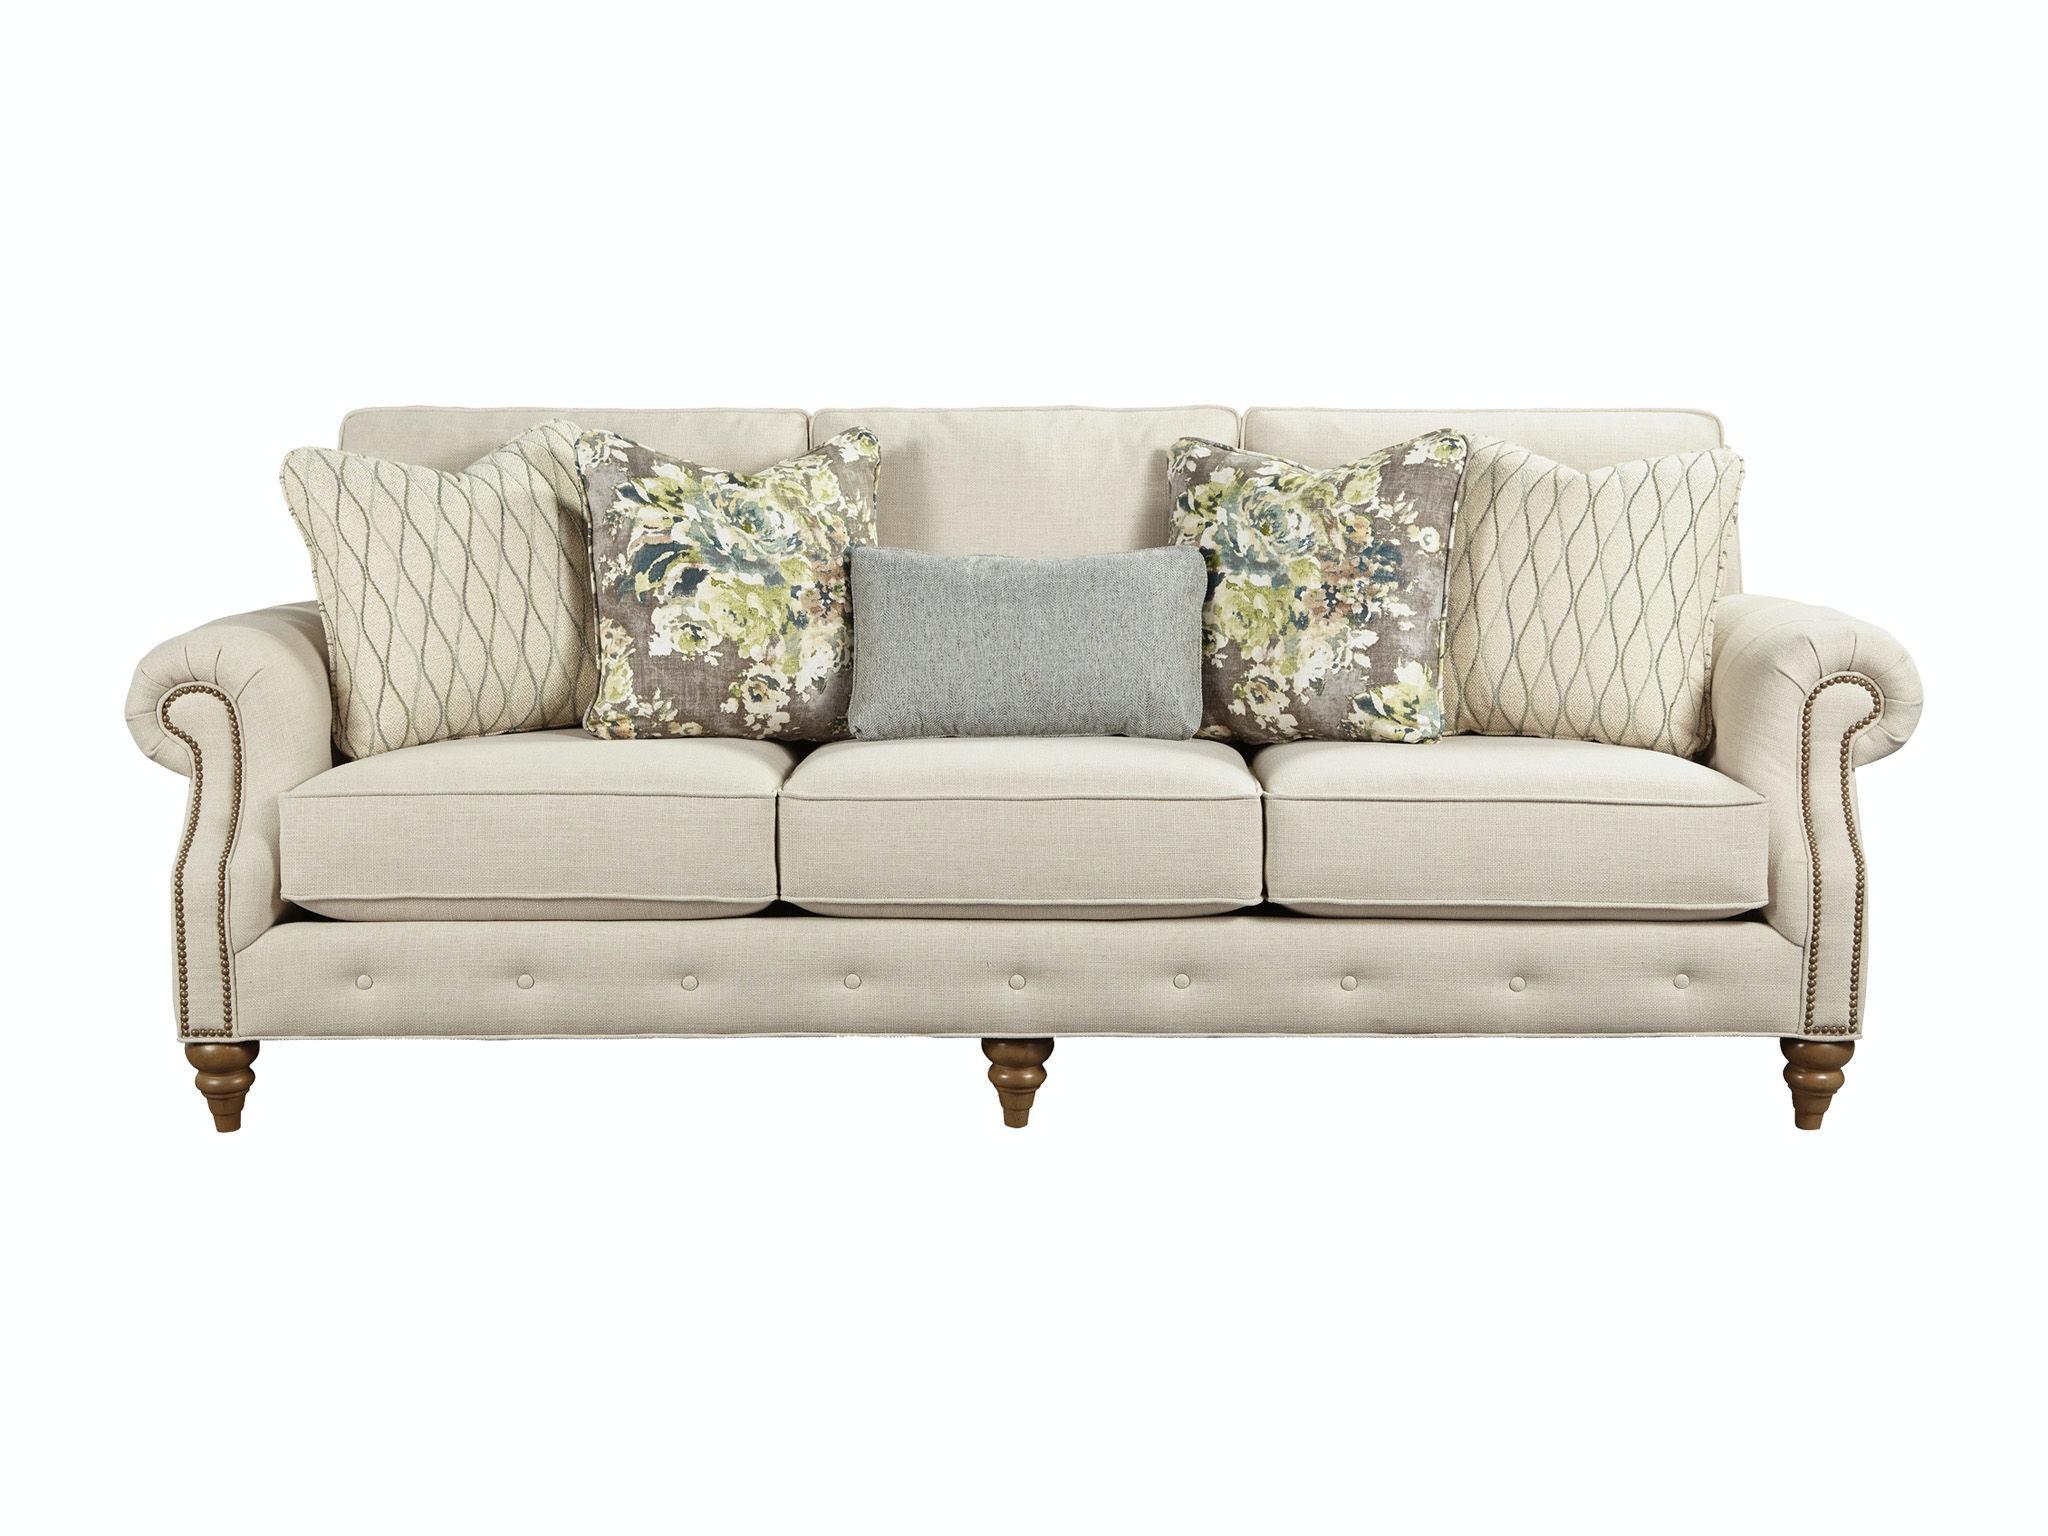 Merveilleux Craftmaster Furniture